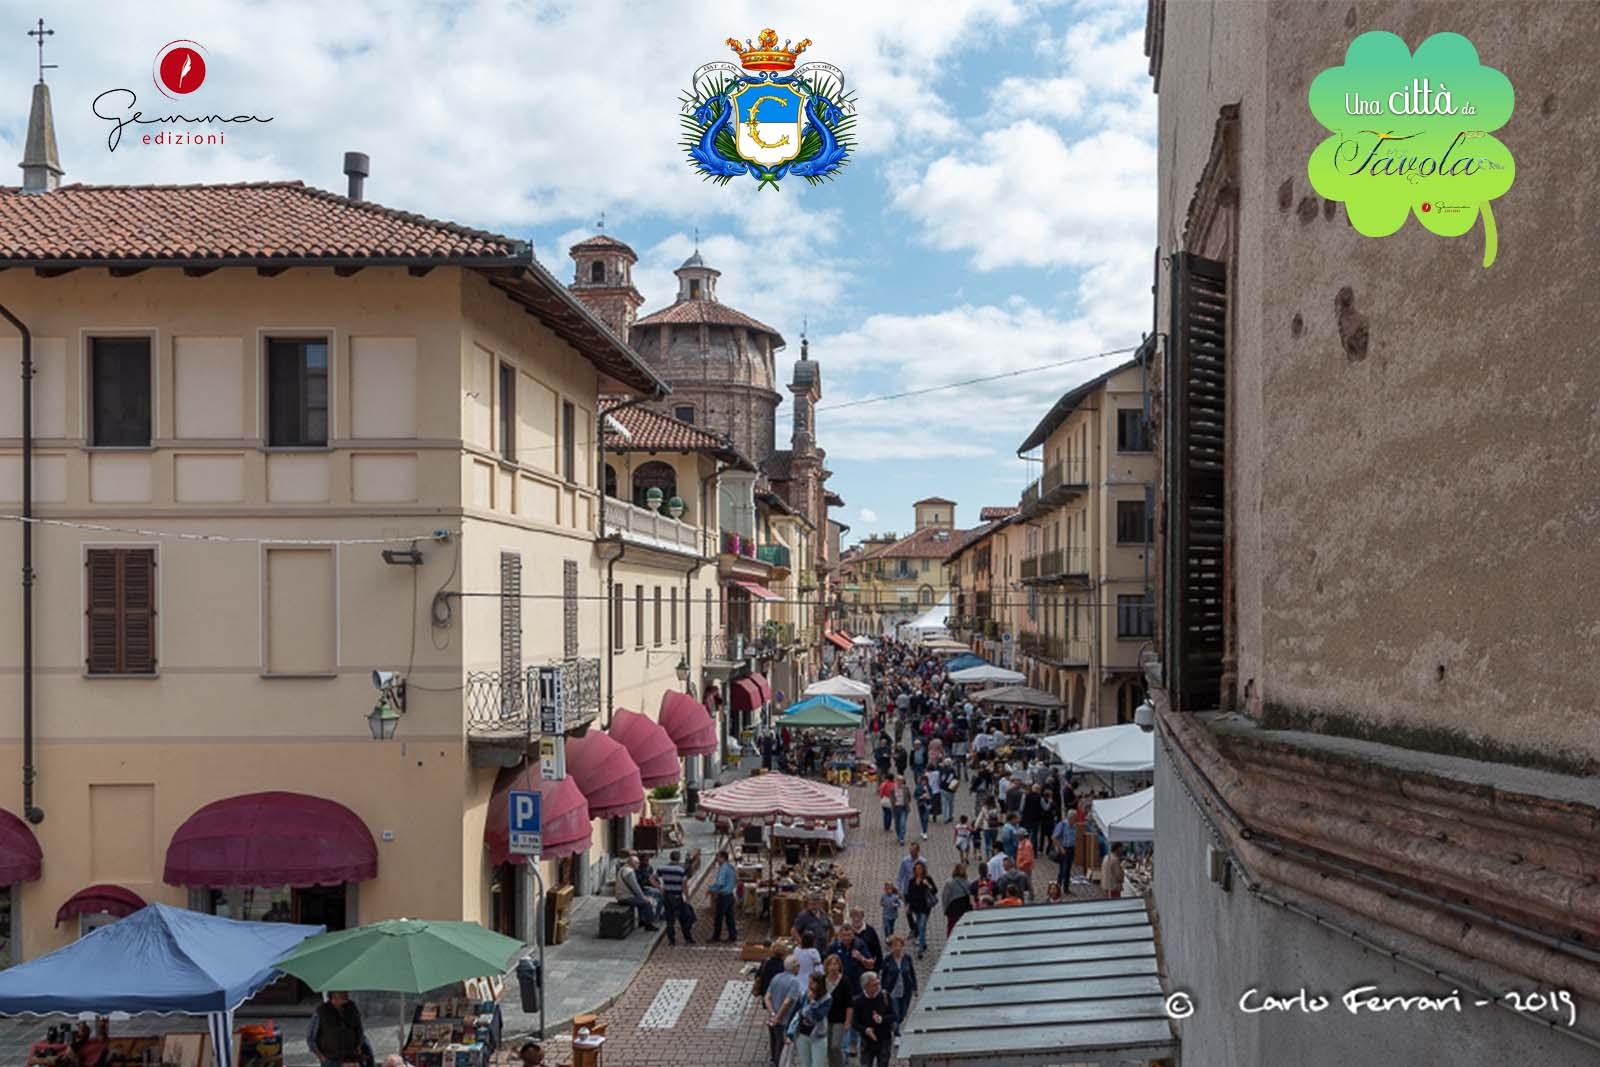 immagine-per-articolo-su-Carmagnola.jpg